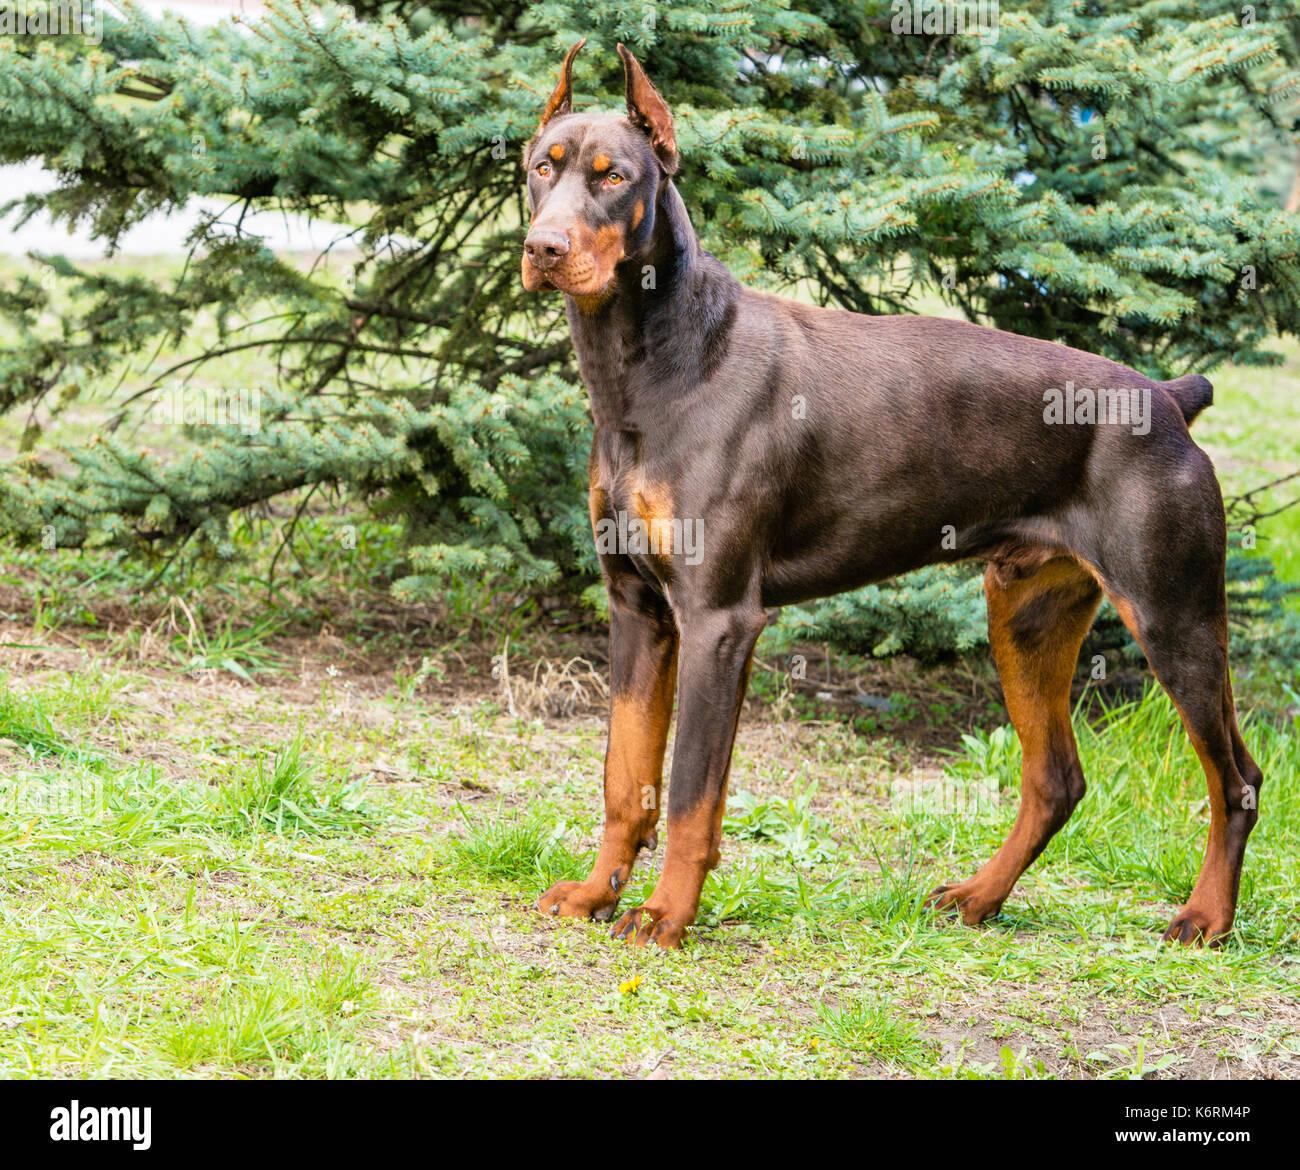 Doberman Pinscher brown. The Doberman Pinscher is on the green grass in the park. - Stock Image